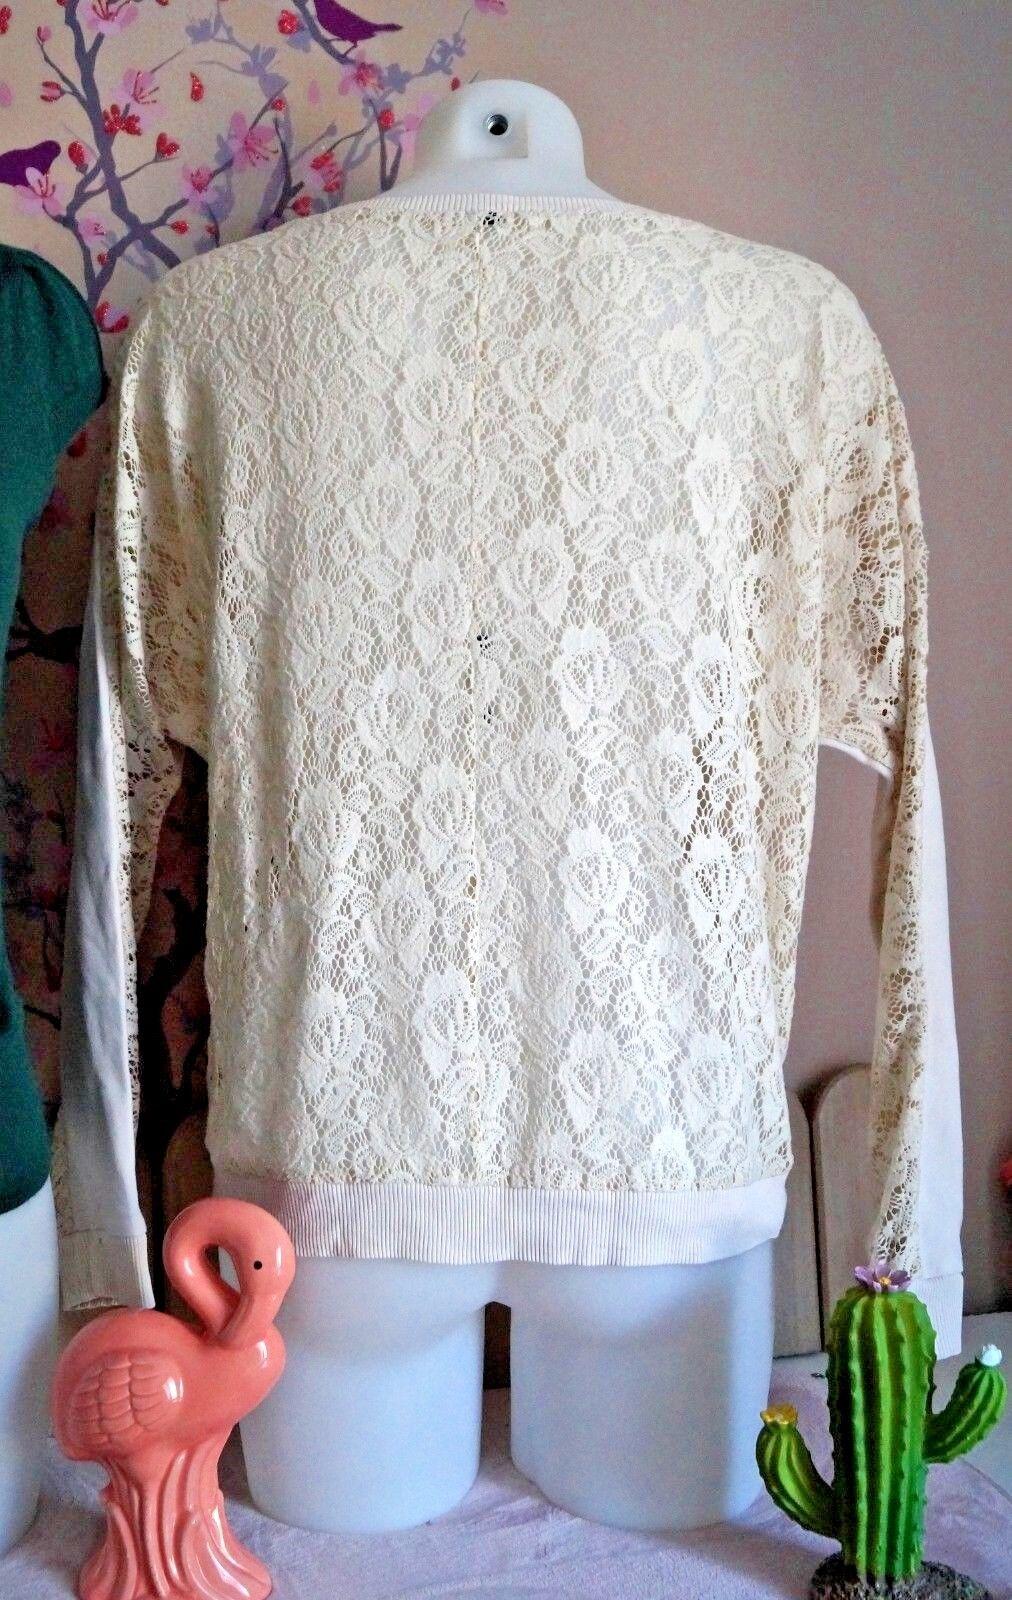 d5211cbaafd58 Lot vêtements - occasion femme - Pulls